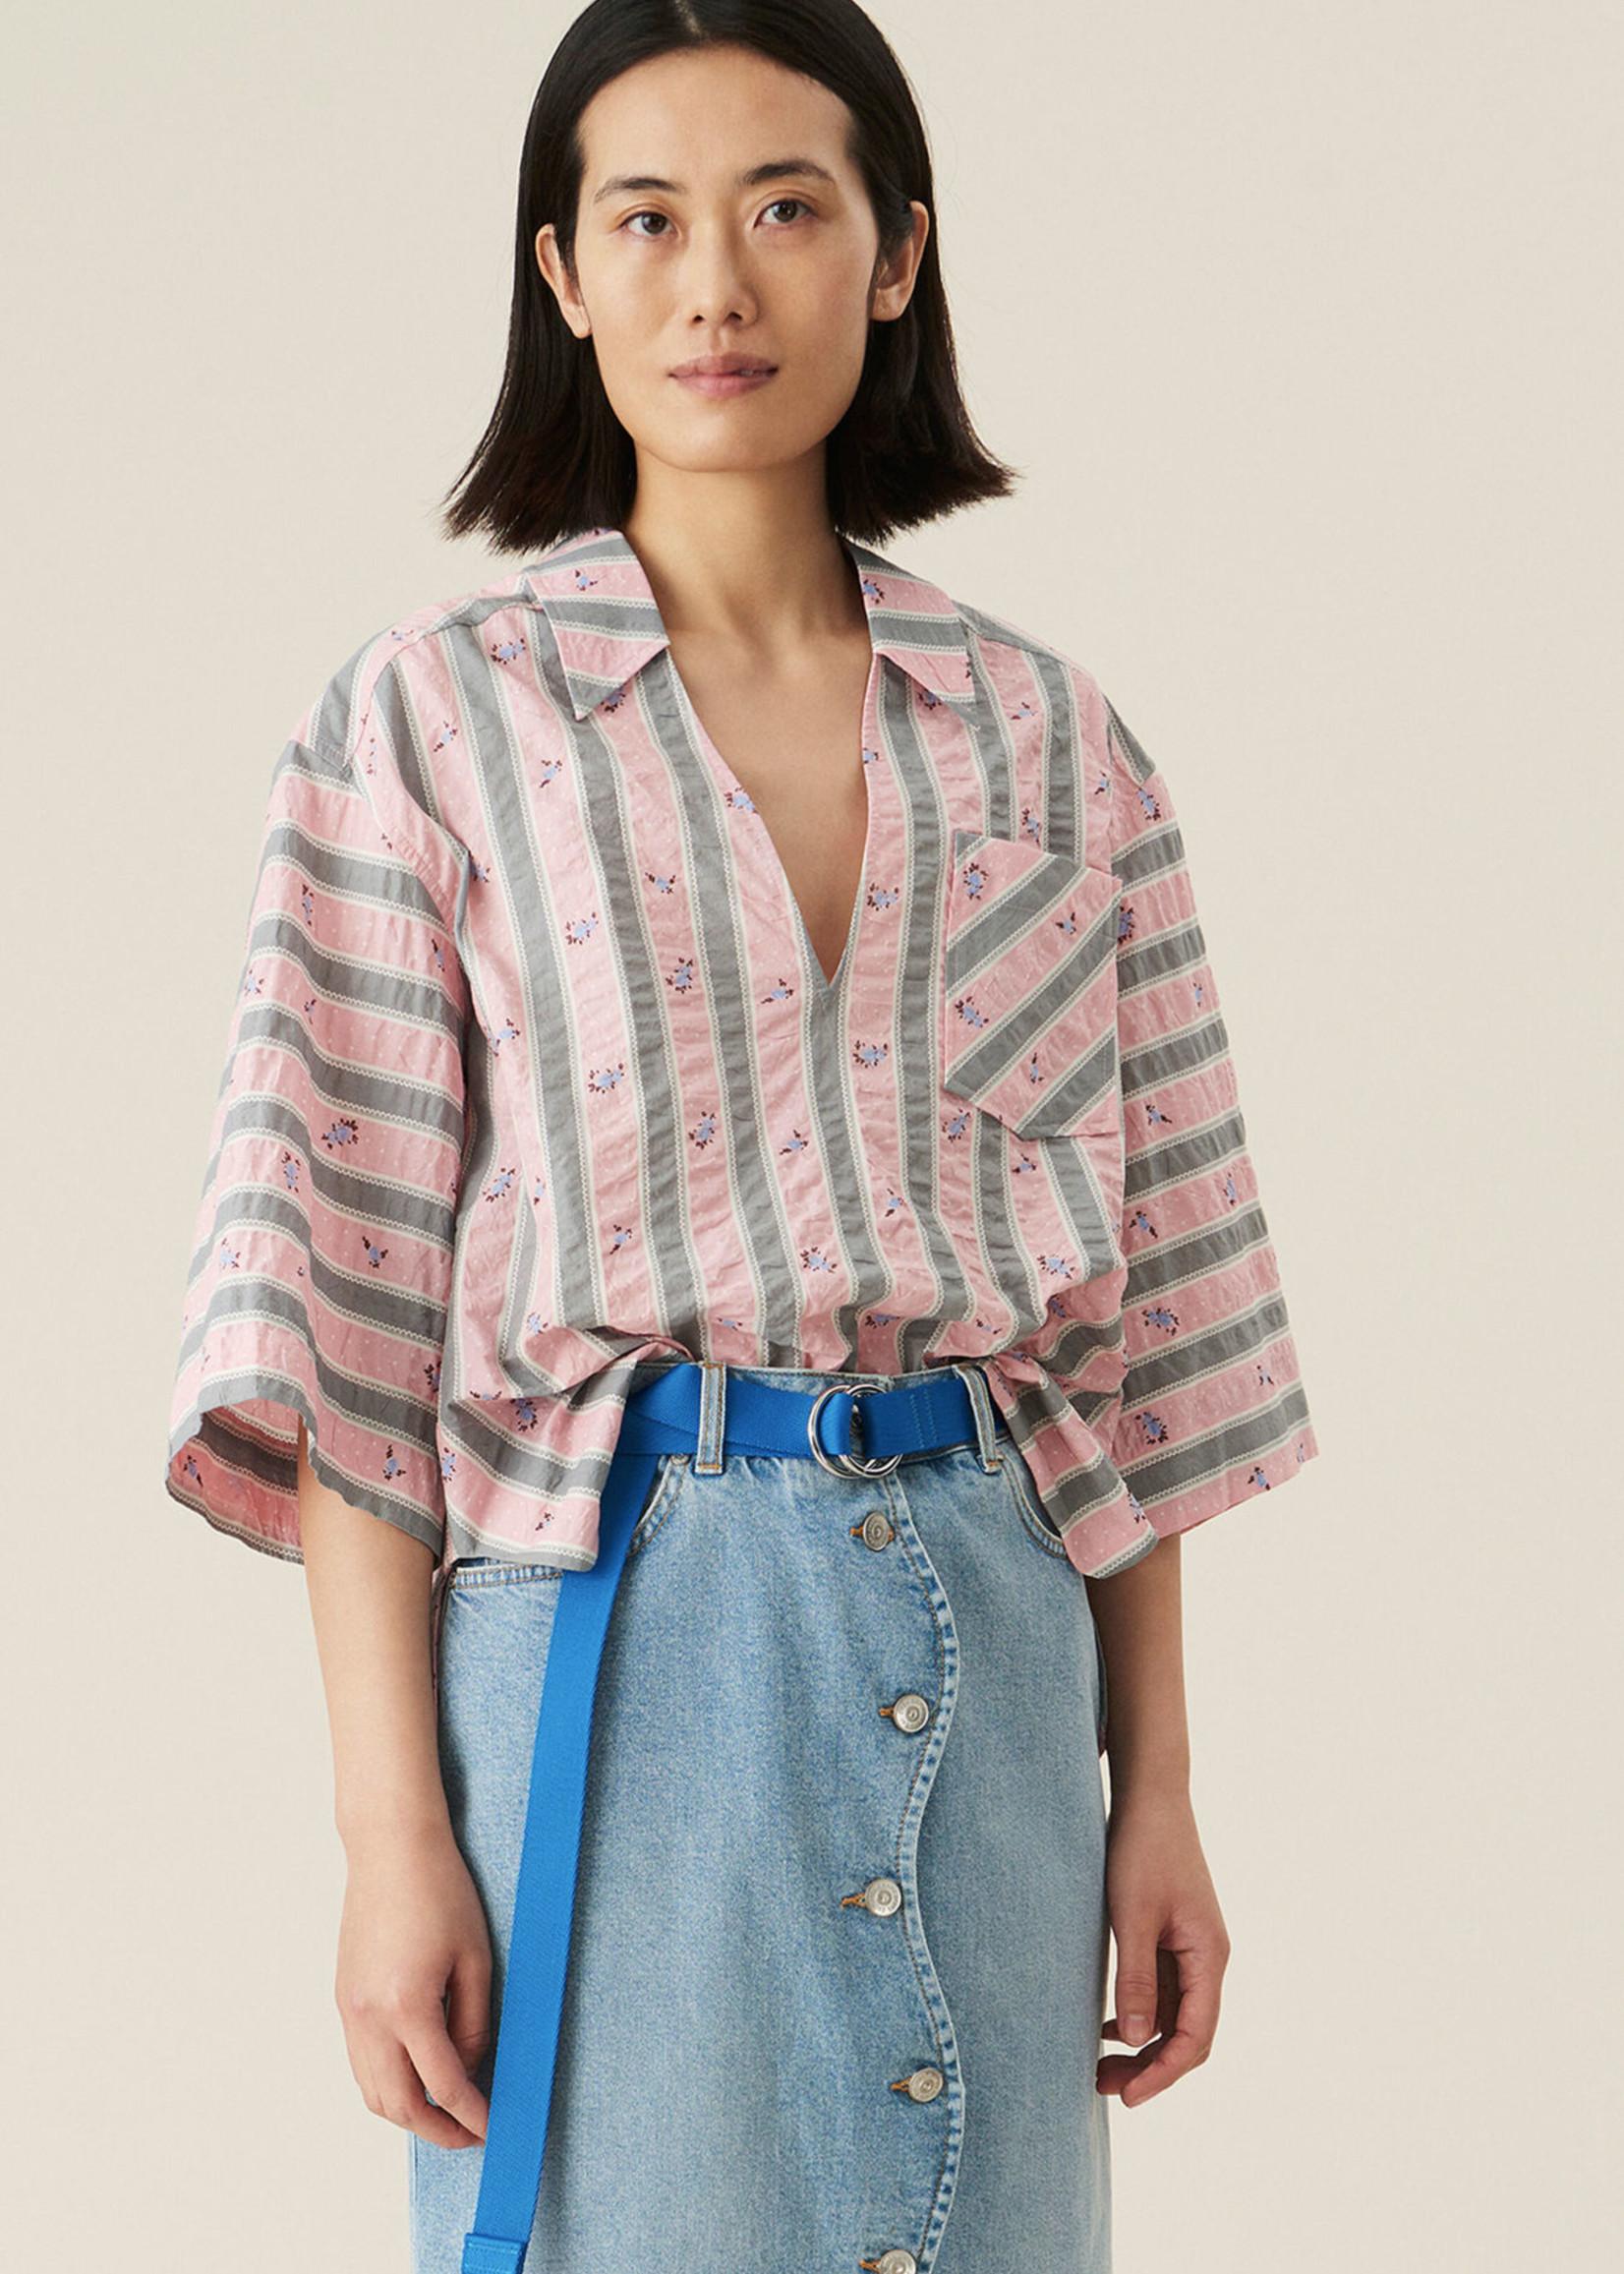 GANNI Seersucker Pull Over Shirt in Pink Print